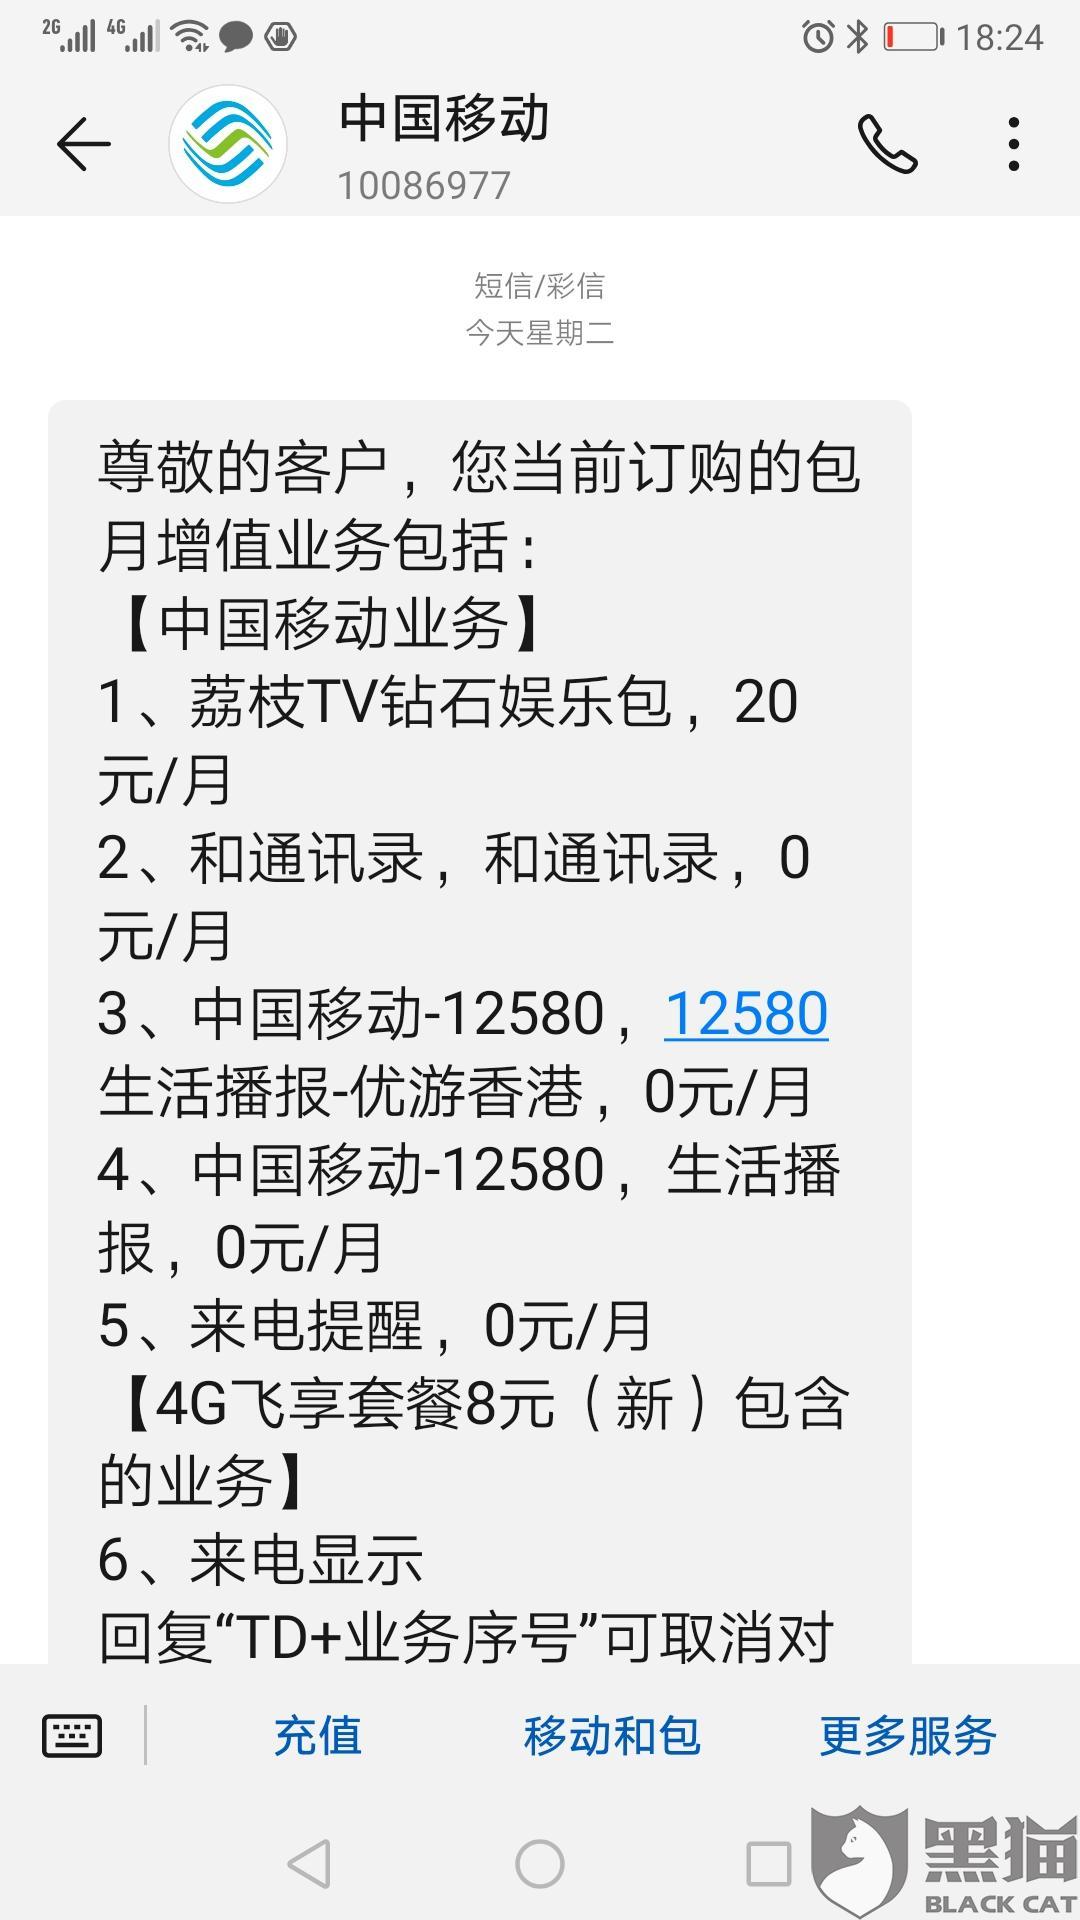 黑猫投诉:莫名其妙被扣费20元,荔枝TV钻石娱乐包,我没有订过这个业务,却扣费20元